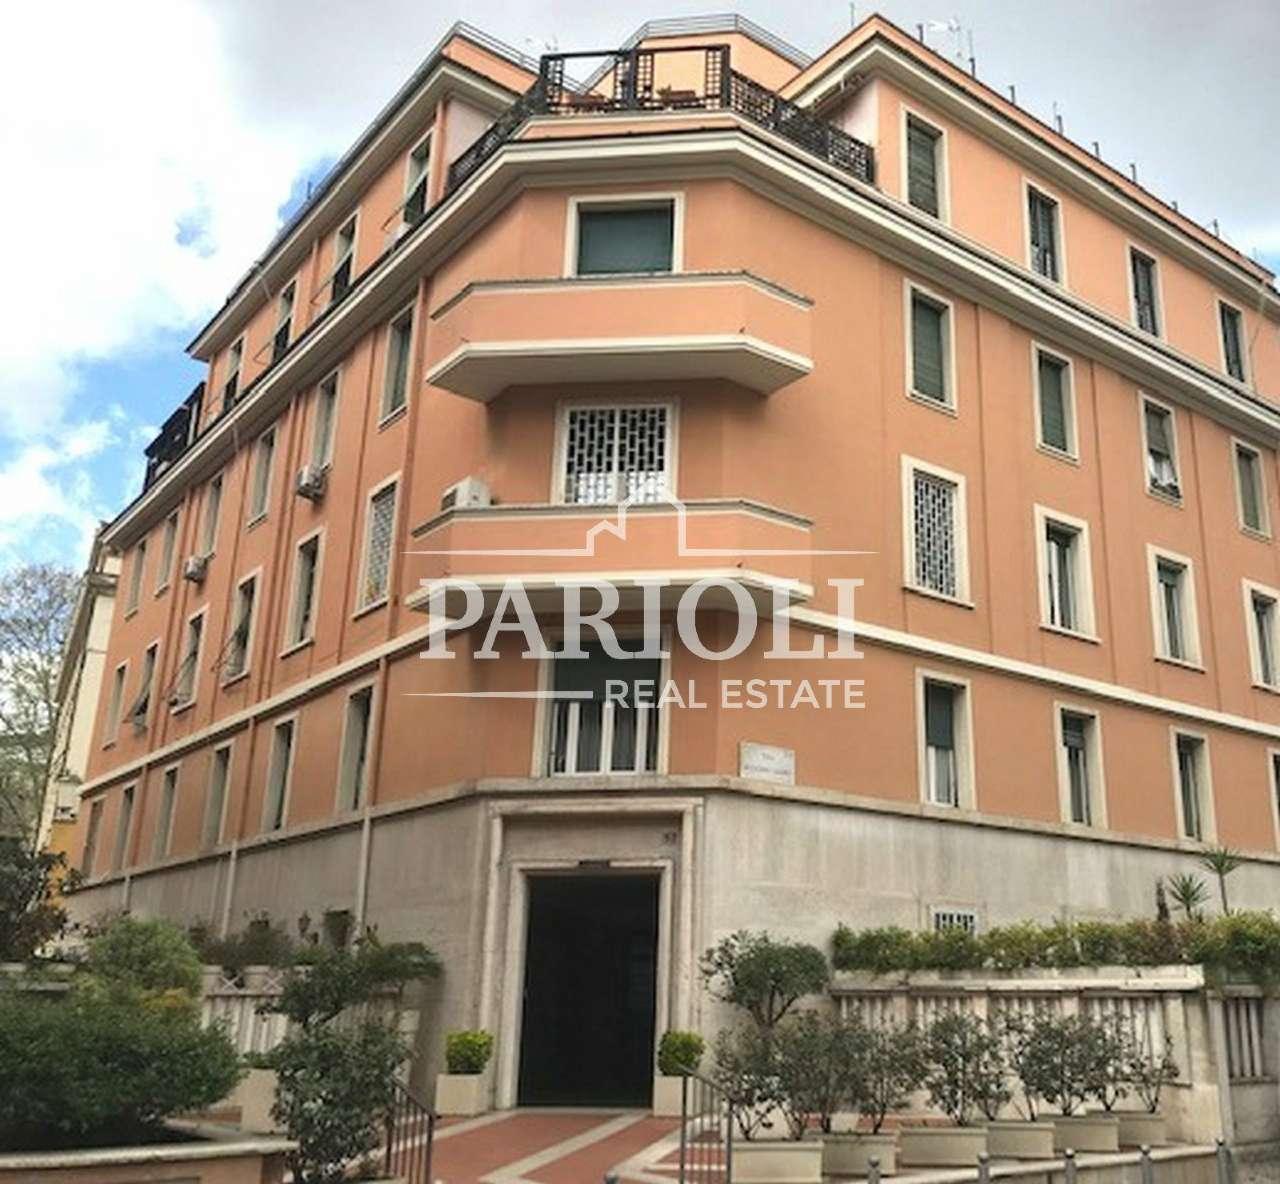 Attico / Mansarda in vendita a Roma, 5 locali, zona Zona: 2 . Flaminio, Parioli, Pinciano, Villa Borghese, prezzo € 760.000 | CambioCasa.it